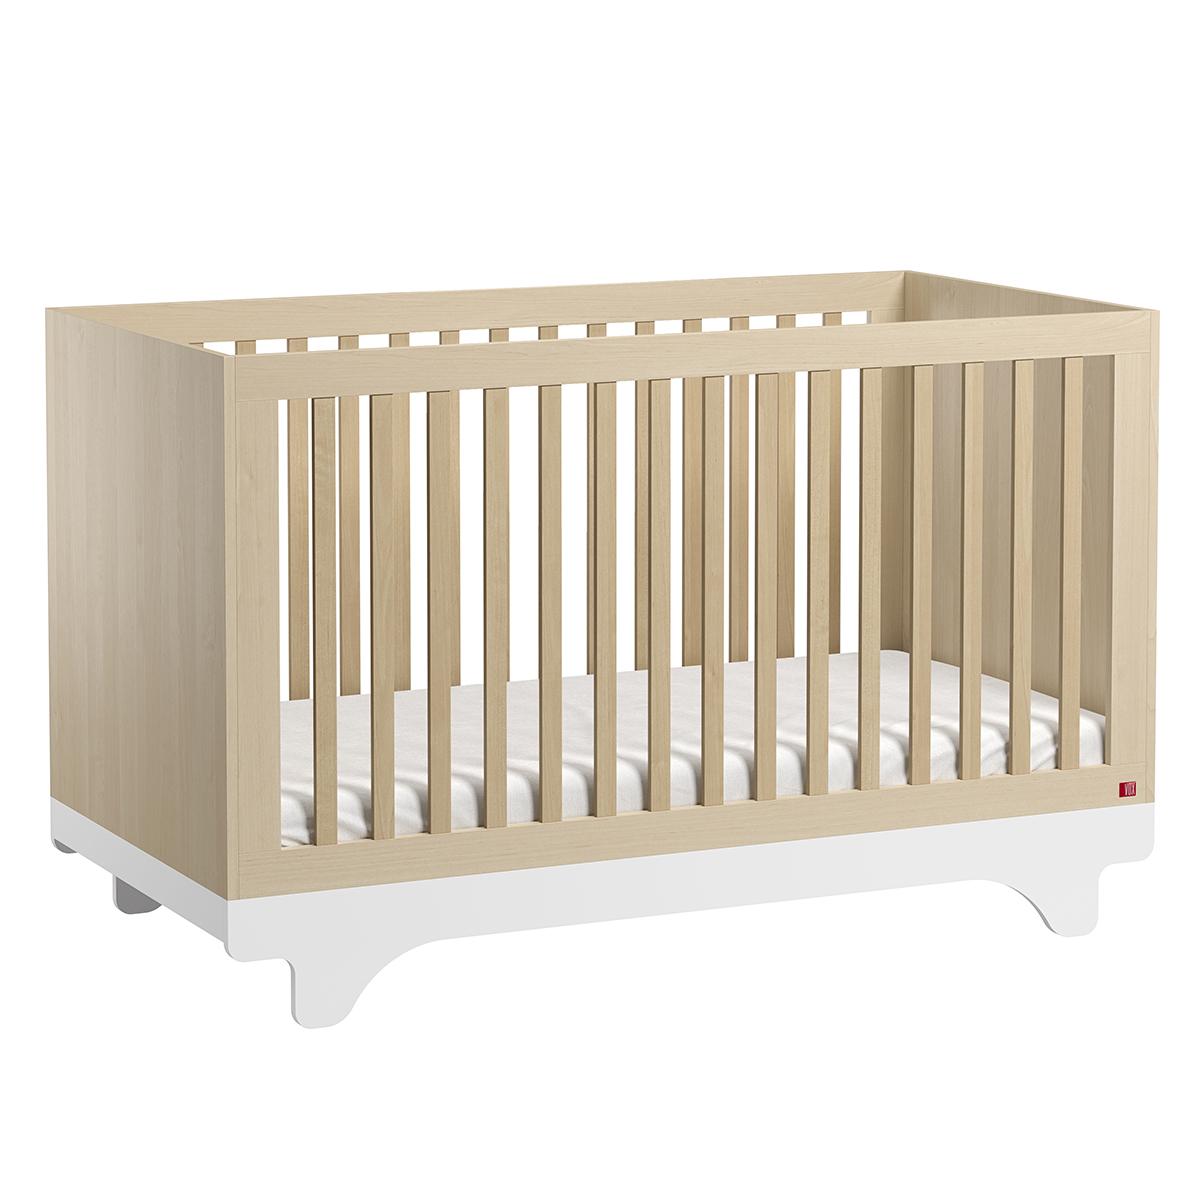 Lit bébé Lit Bébé Evolutif Playwood Bois et Blanc - 70 x 140 cm